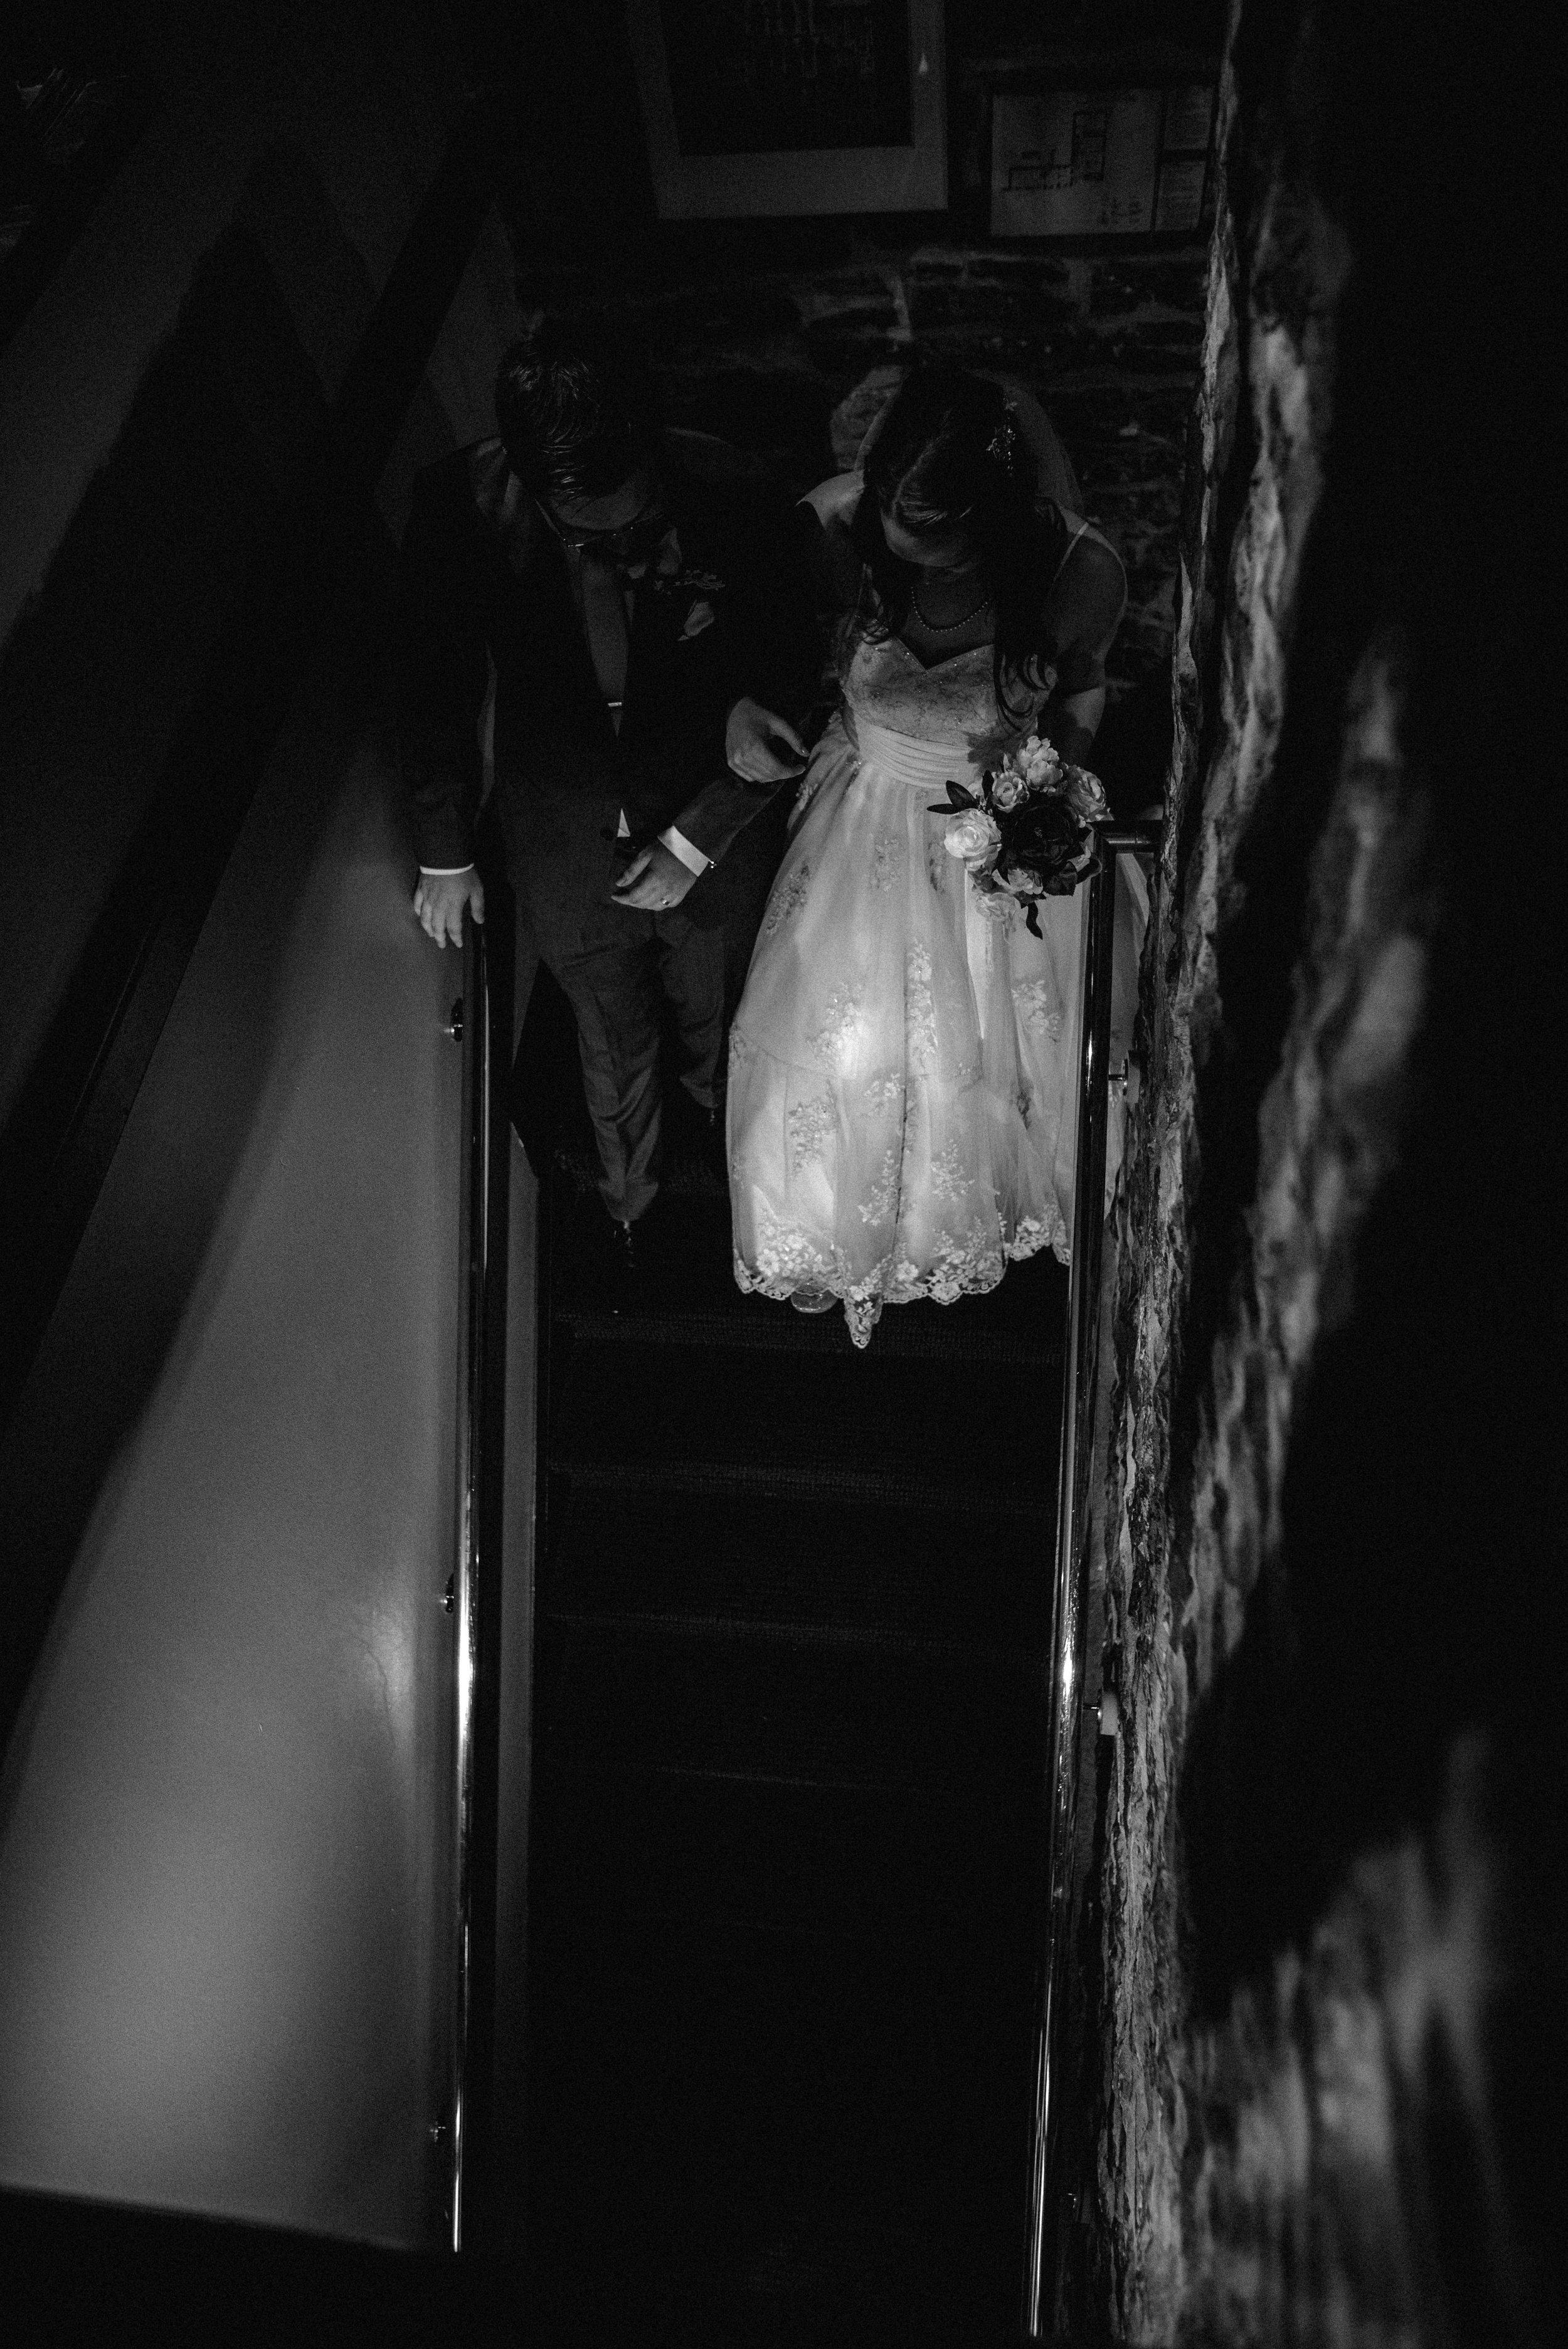 wedding_photographer_lifestyle_documentary_photographe_ottawa_gatineau-29.jpg